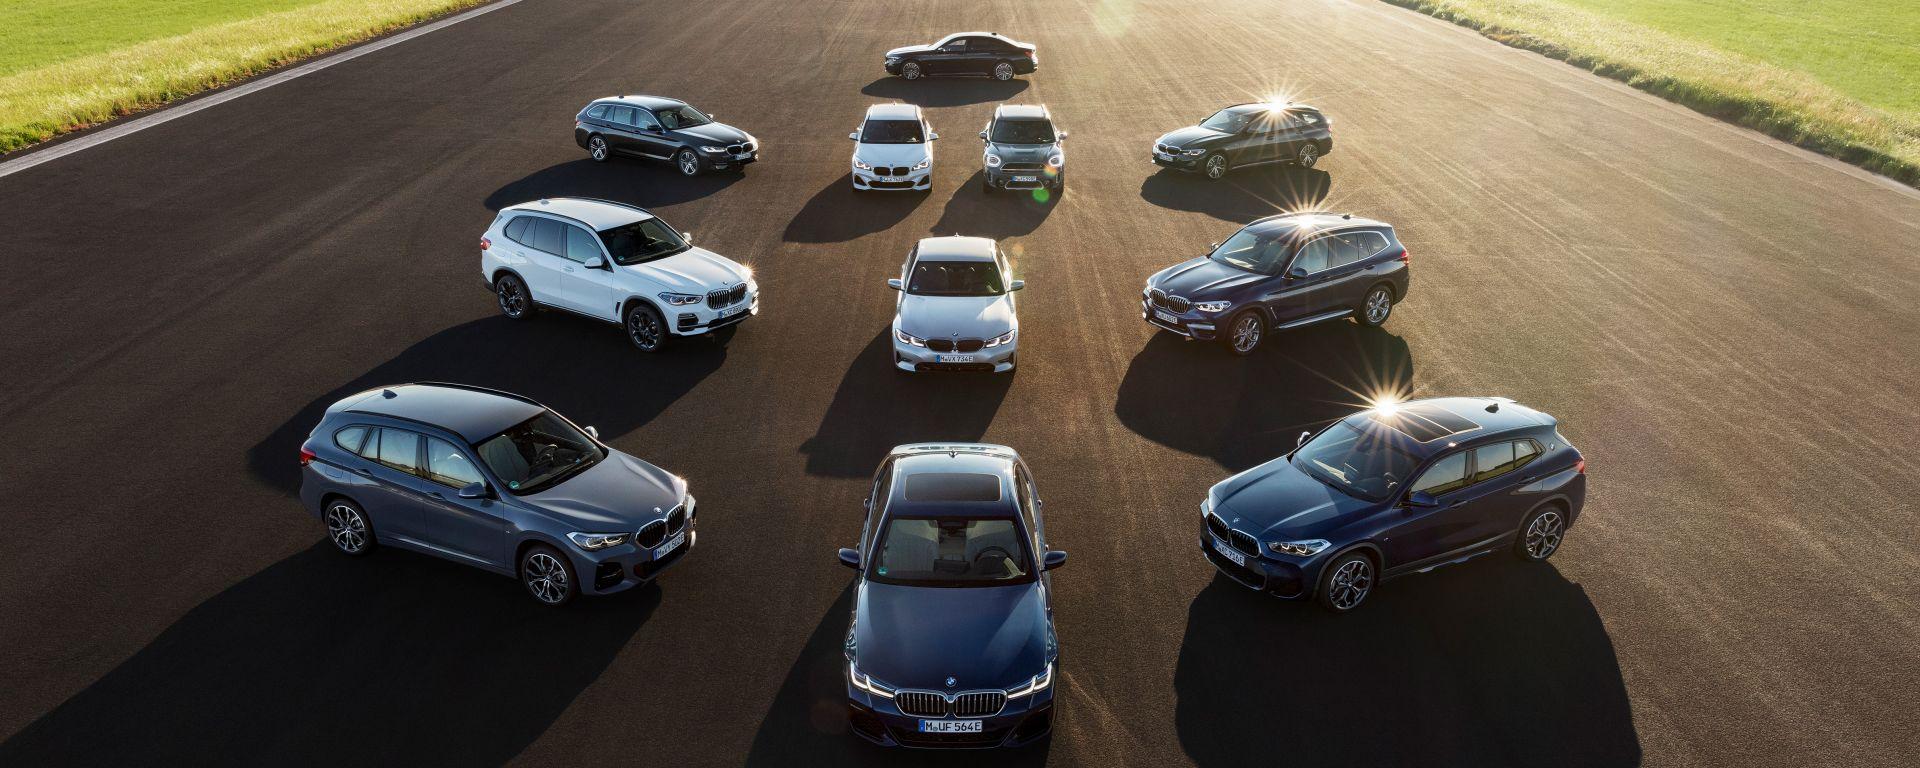 BMW, 7 milioni di unità elettrificate entro il 2030